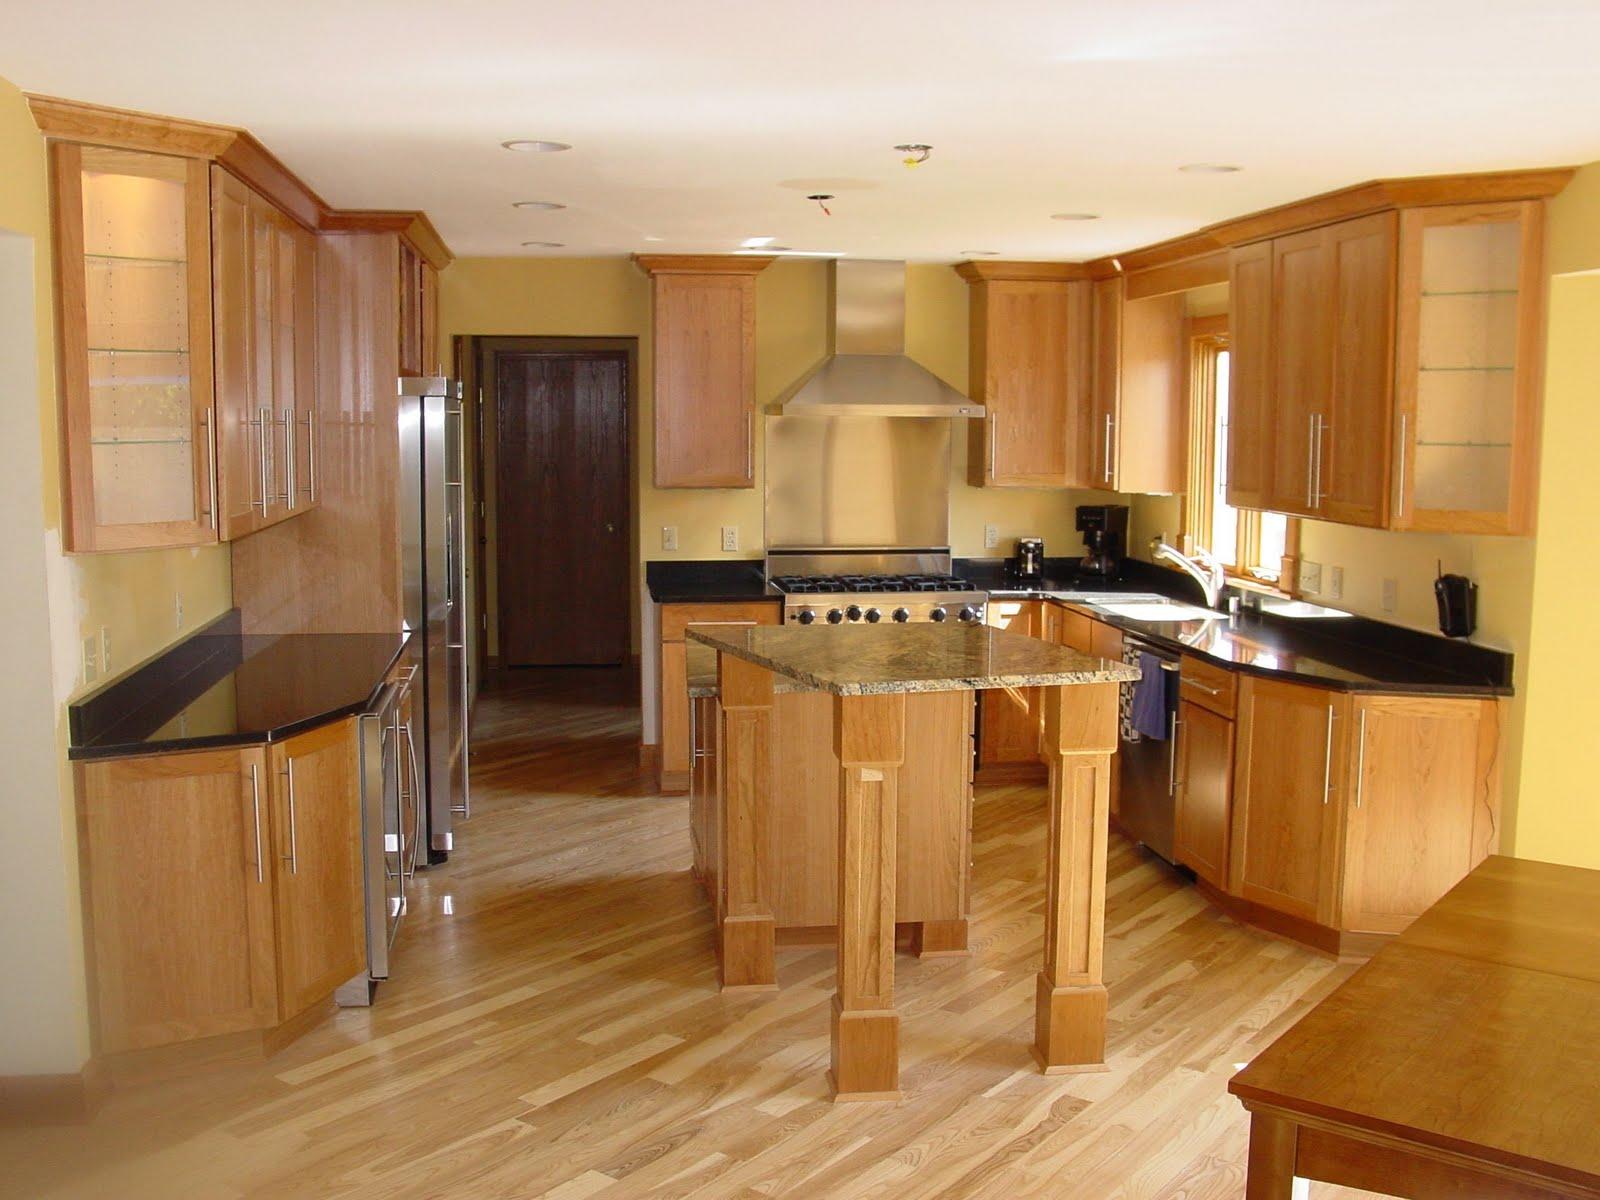 Cocinas de madera - Cocinas rusticas de madera ...